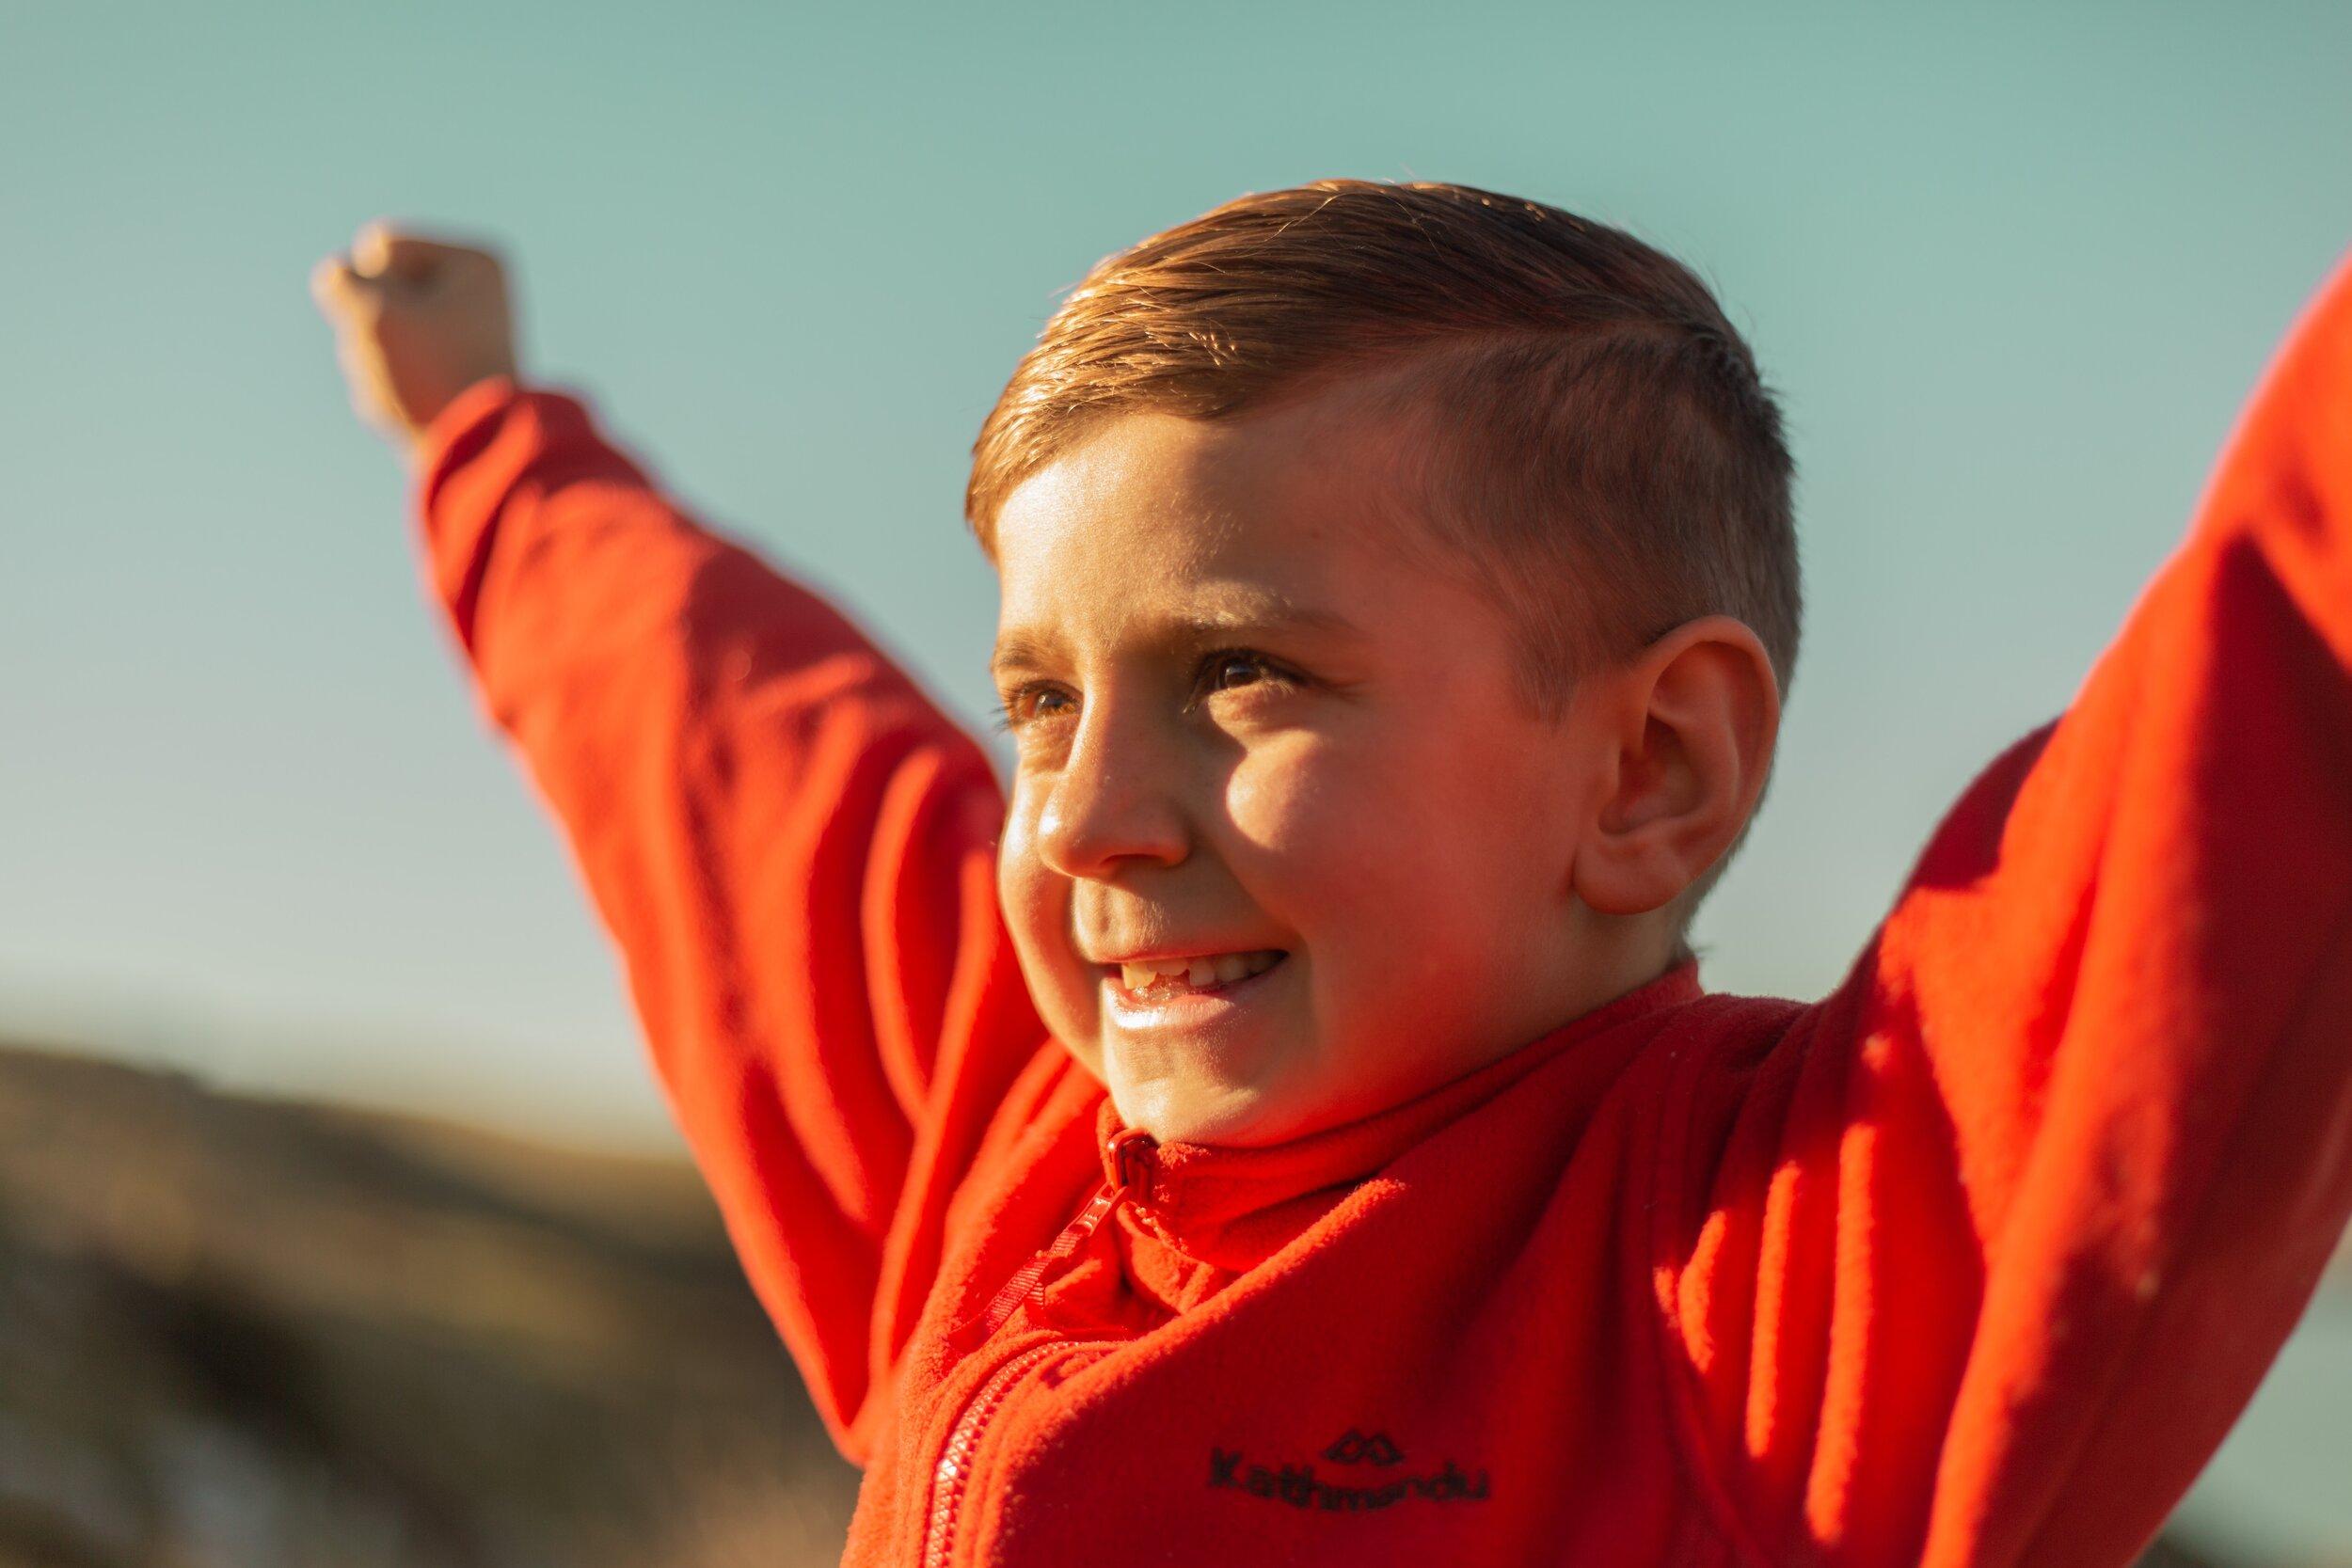 kid cheering.jpg